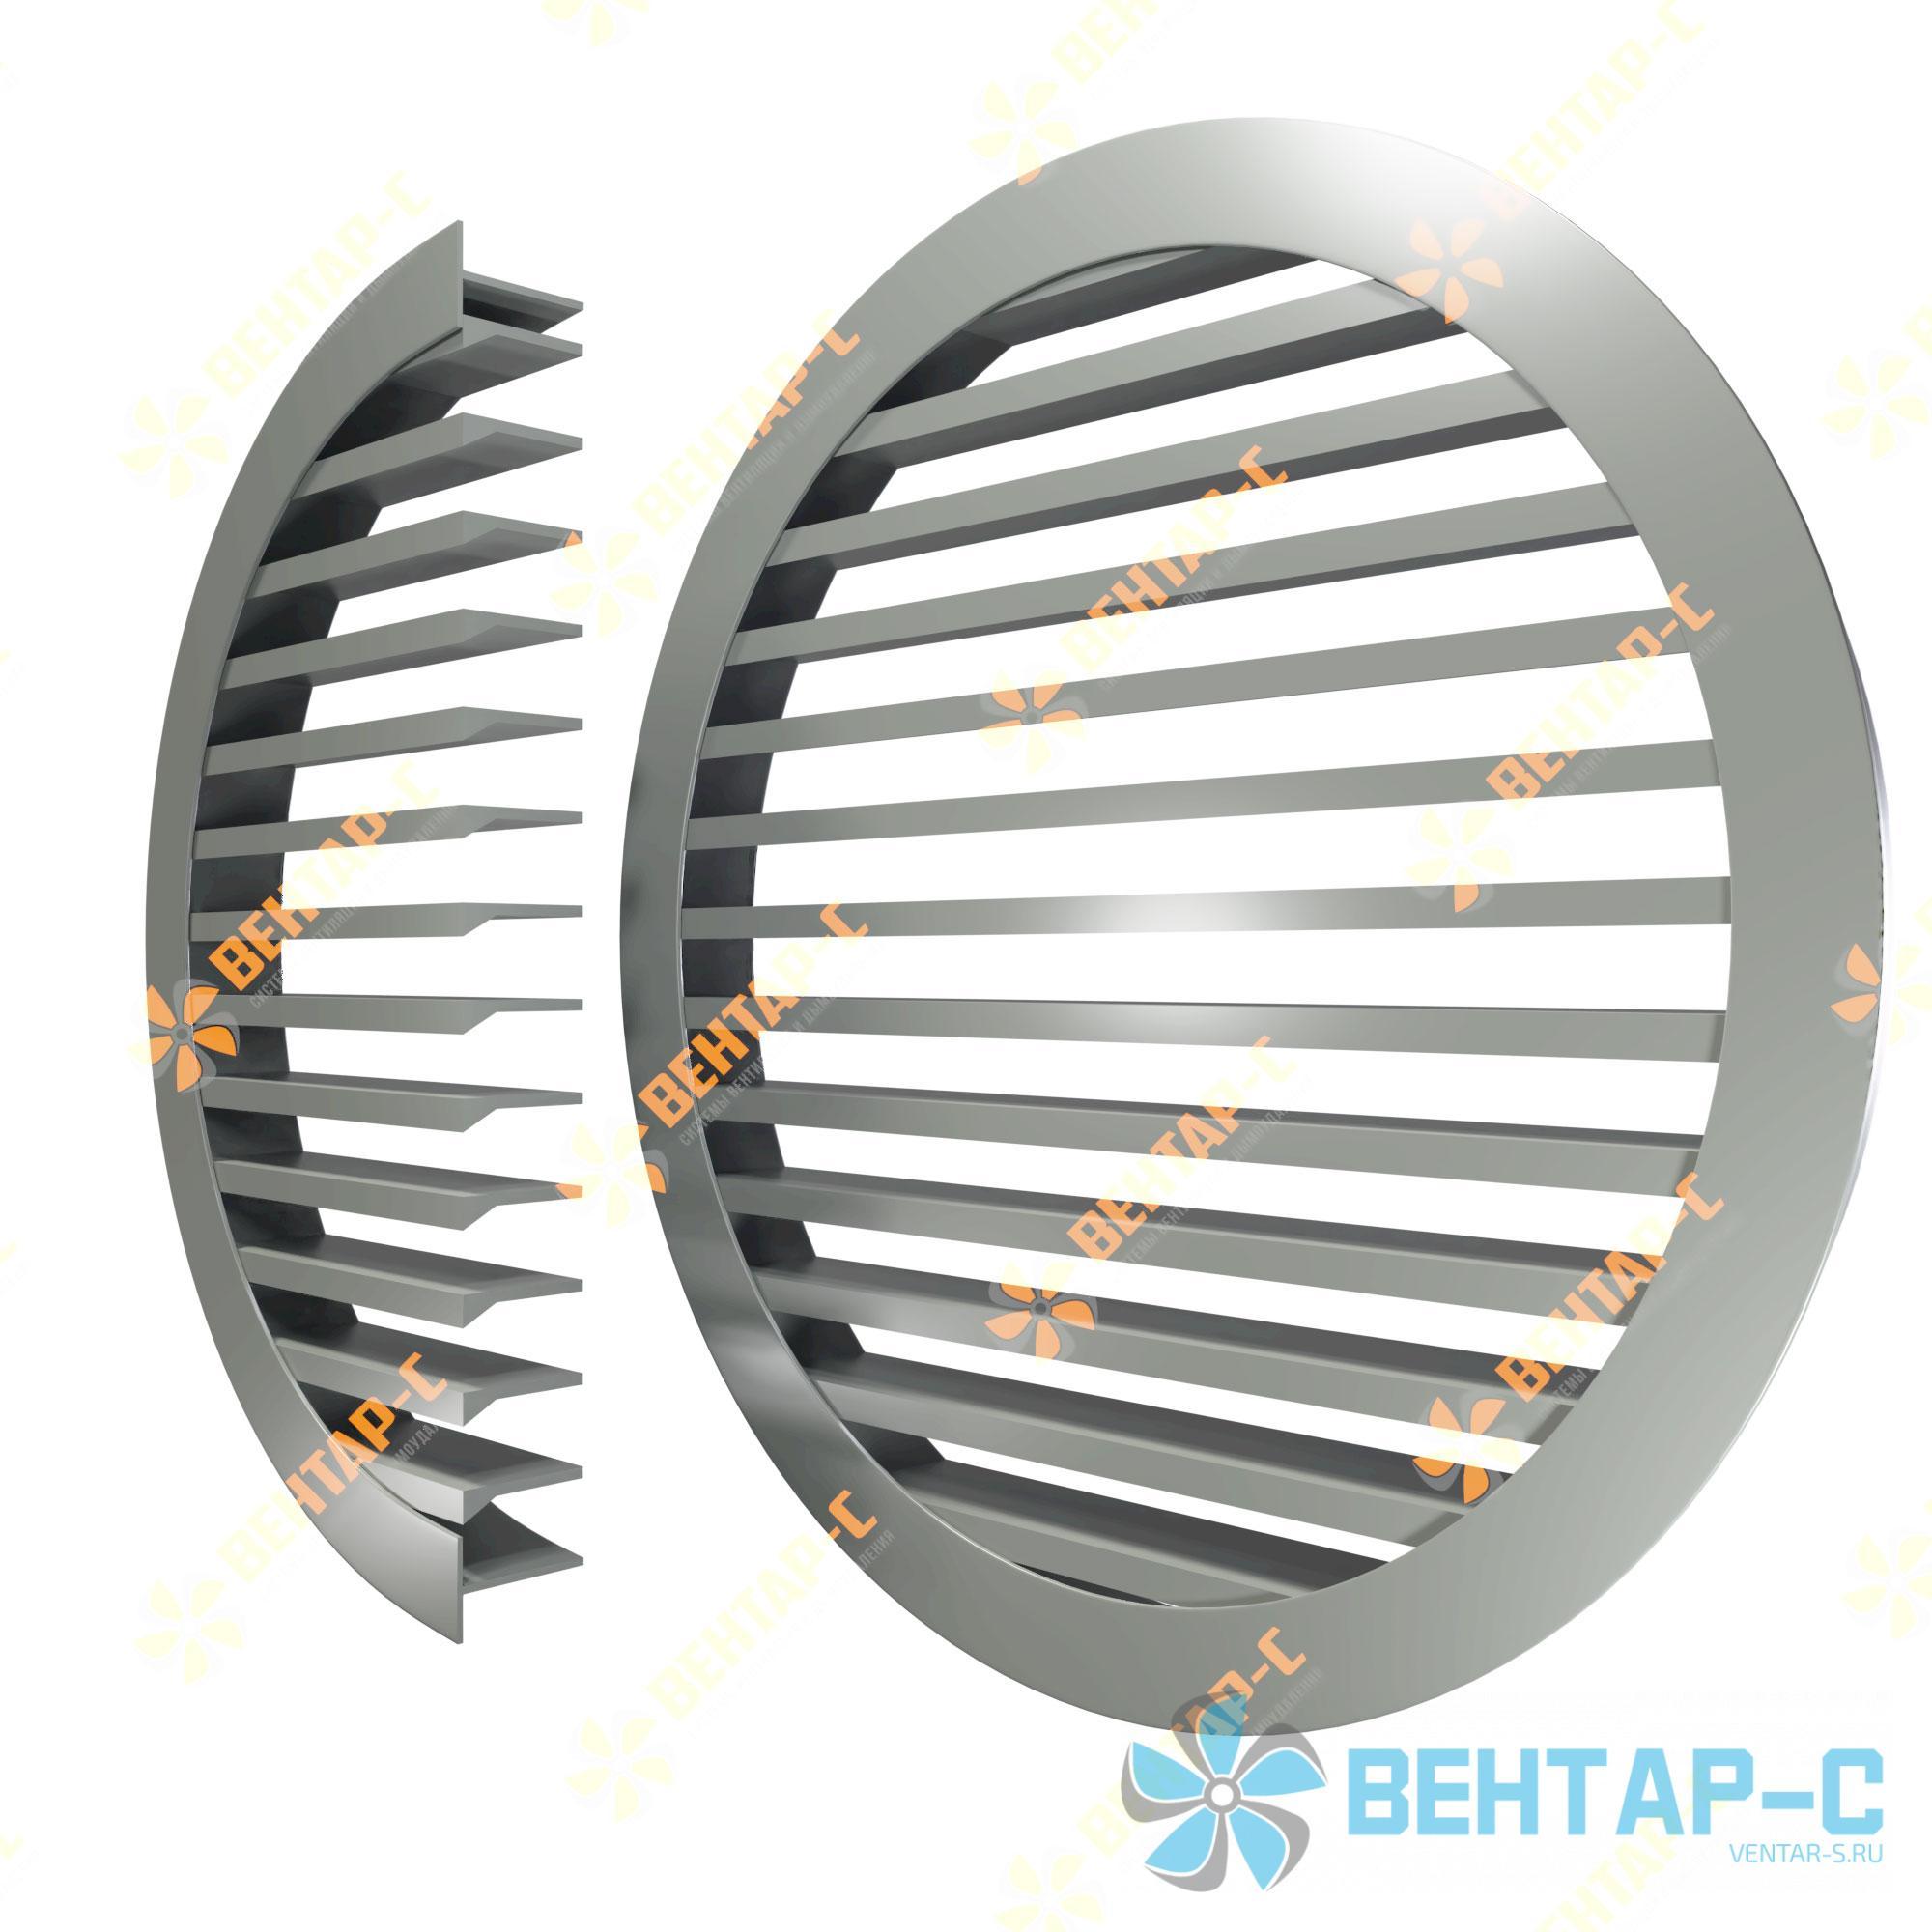 Настенная нерегулируемая круглая вентиляционная решетка ННРК – жалюзи прямо